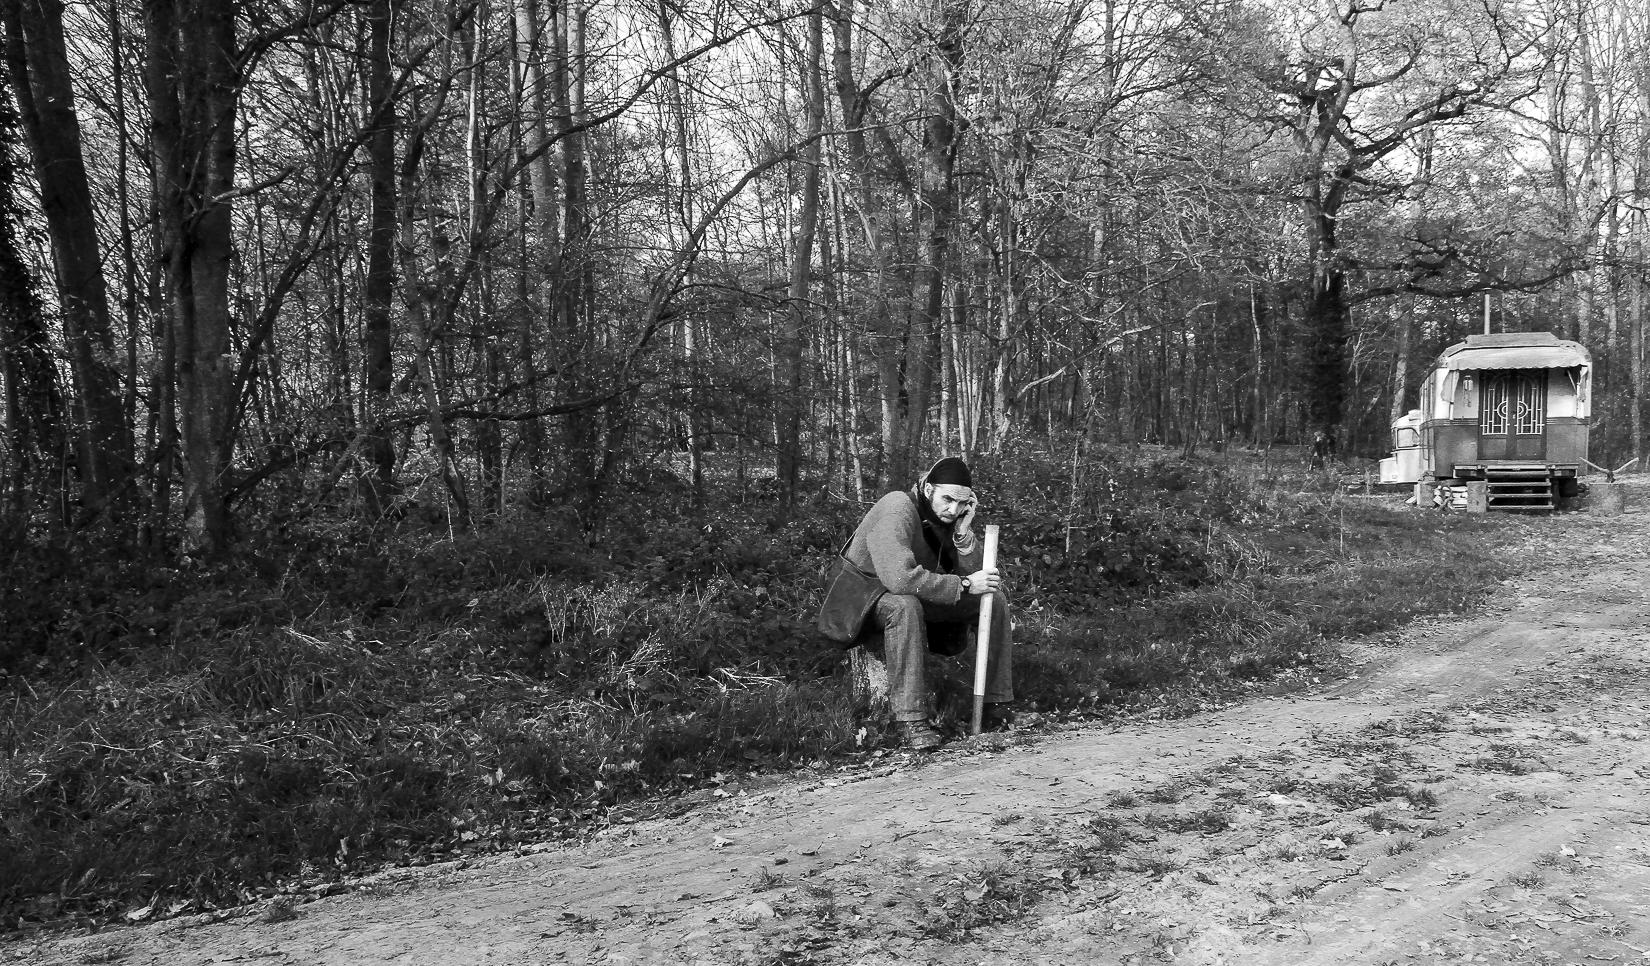 Vivre dans une roulotte, au milieu des bois, sans eau courante ni électricité... Belgique, 2012